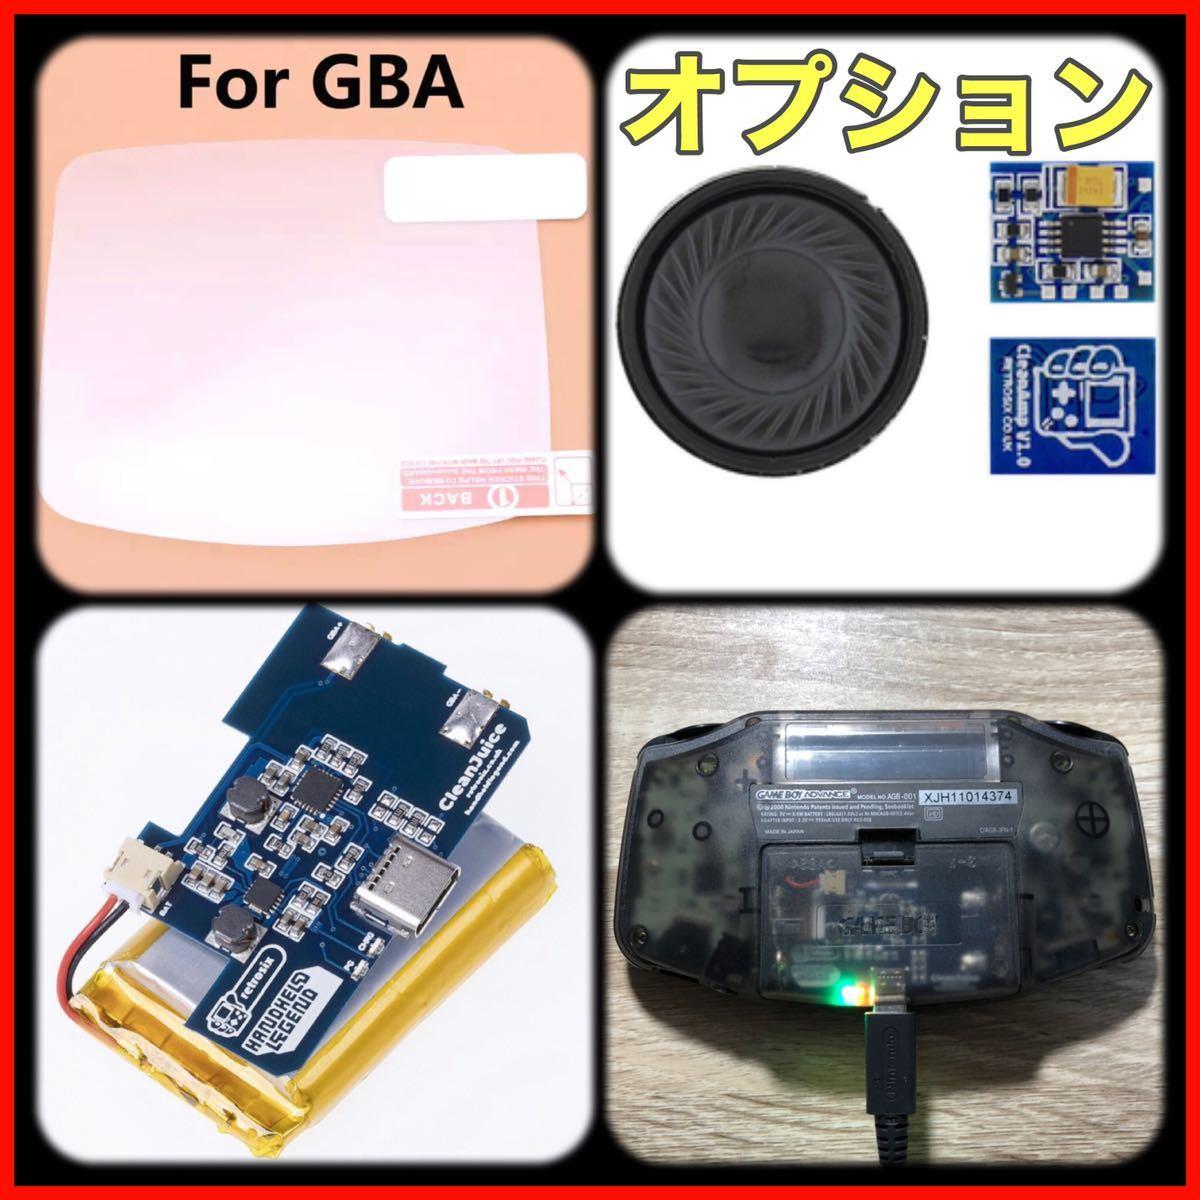 任天堂 Nintendo ゲームボーイアドバンス gameboy advance GBA 本体 最新型 IPS V3 バックライト仕様 245